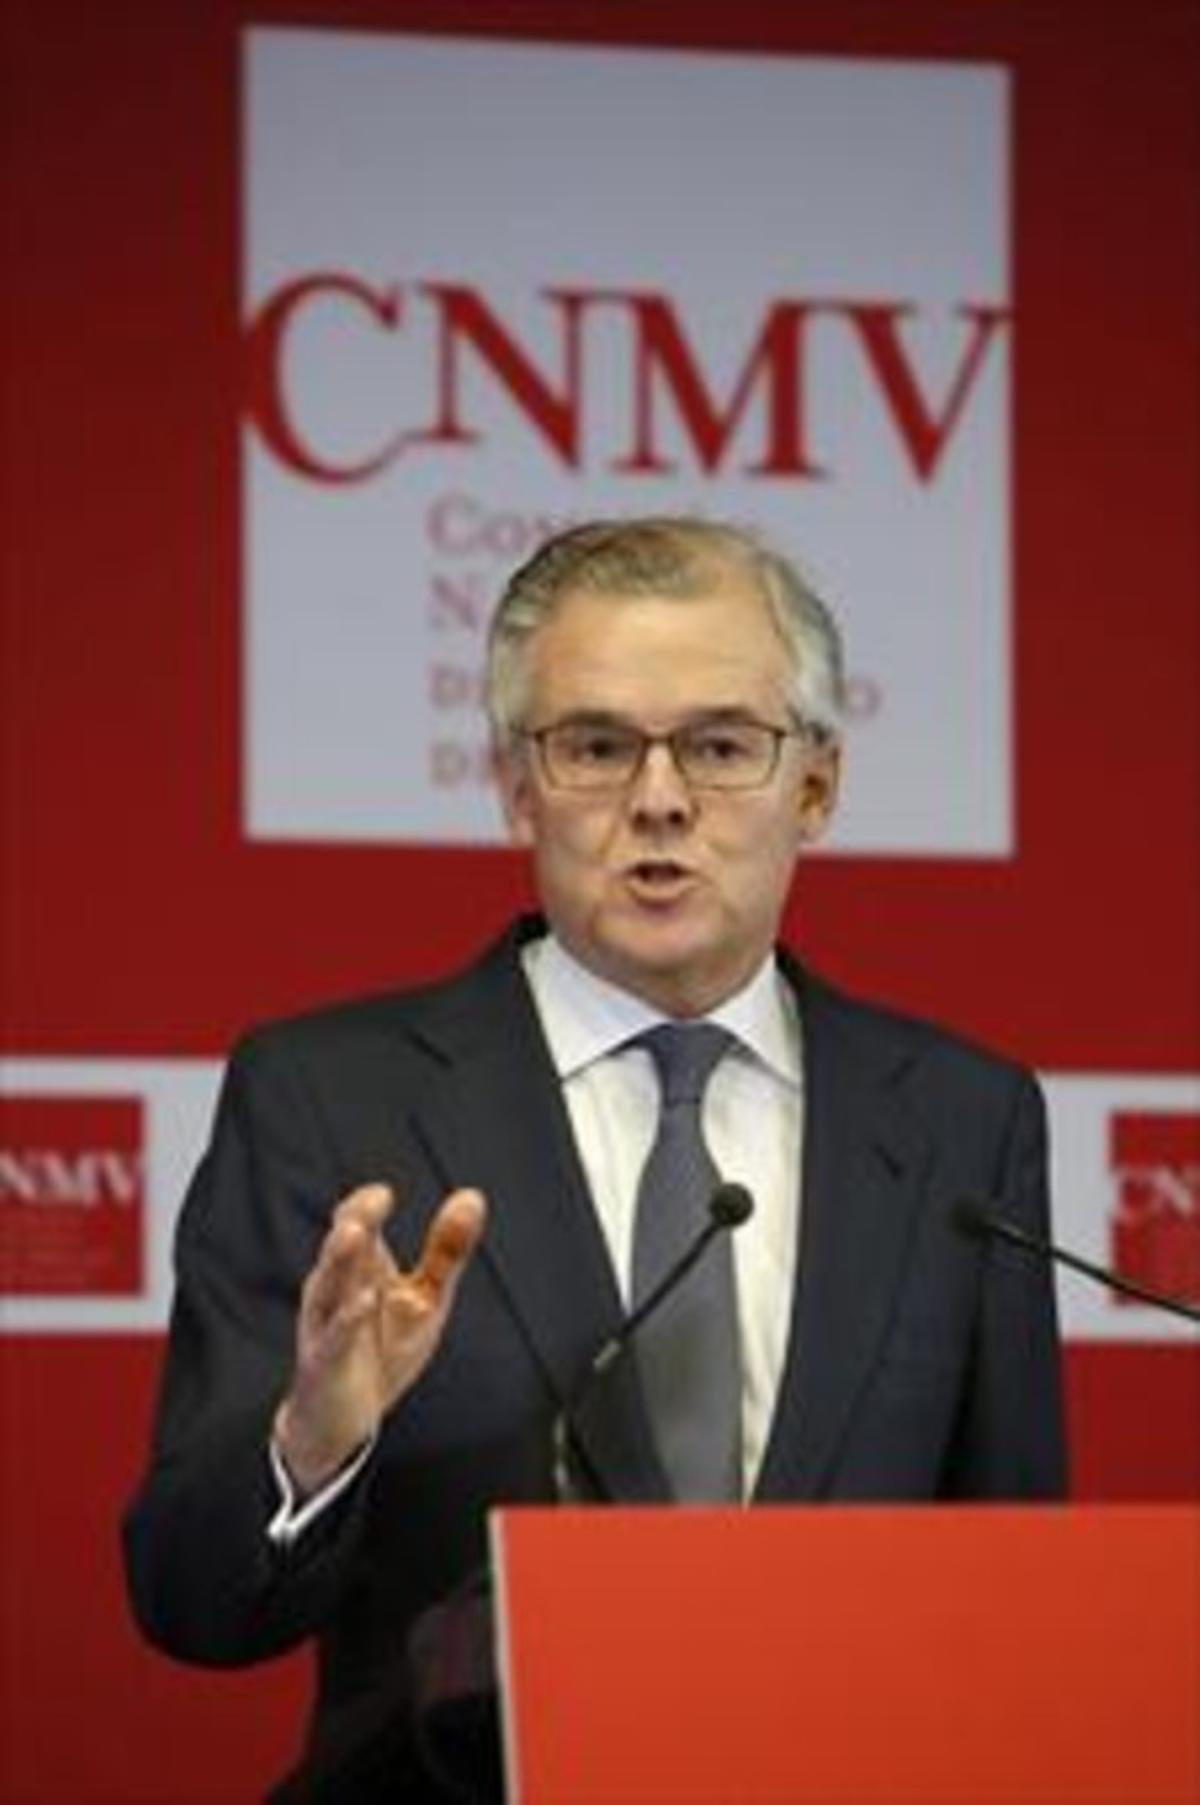 El presidente de la CNMV, Sebastián Albella, en una rueda de prensa.